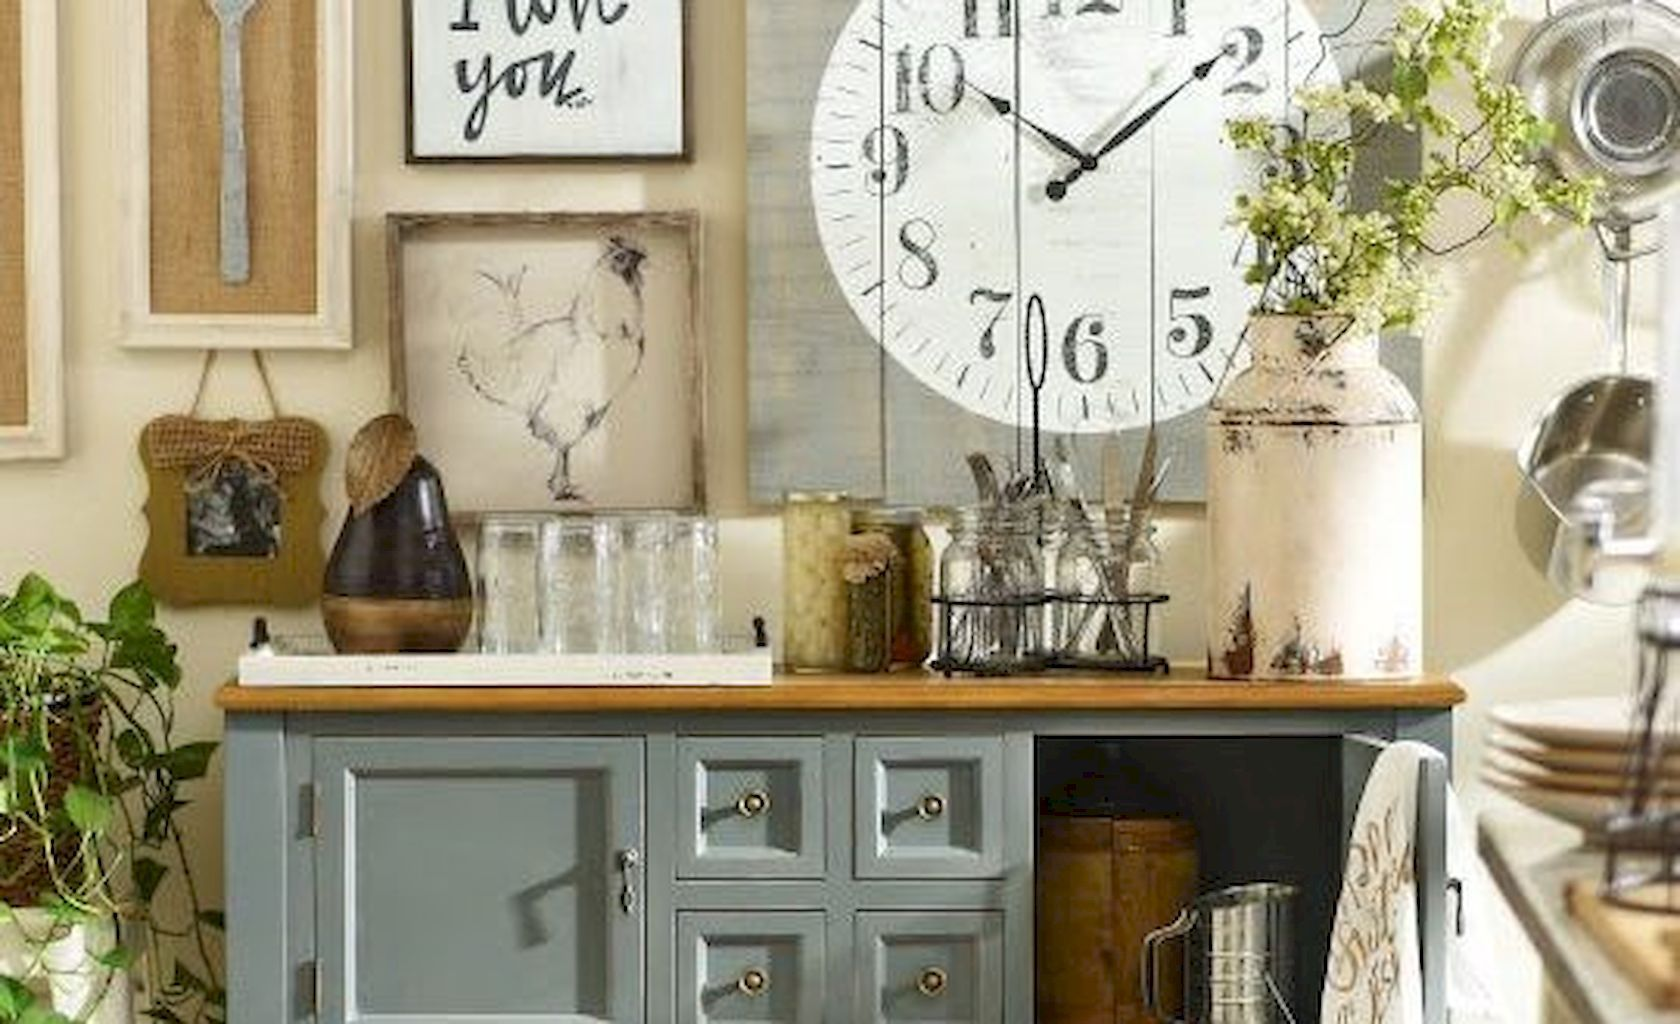 Best 20 Farmhouse Wall Decor Ideas decor Farmhouse